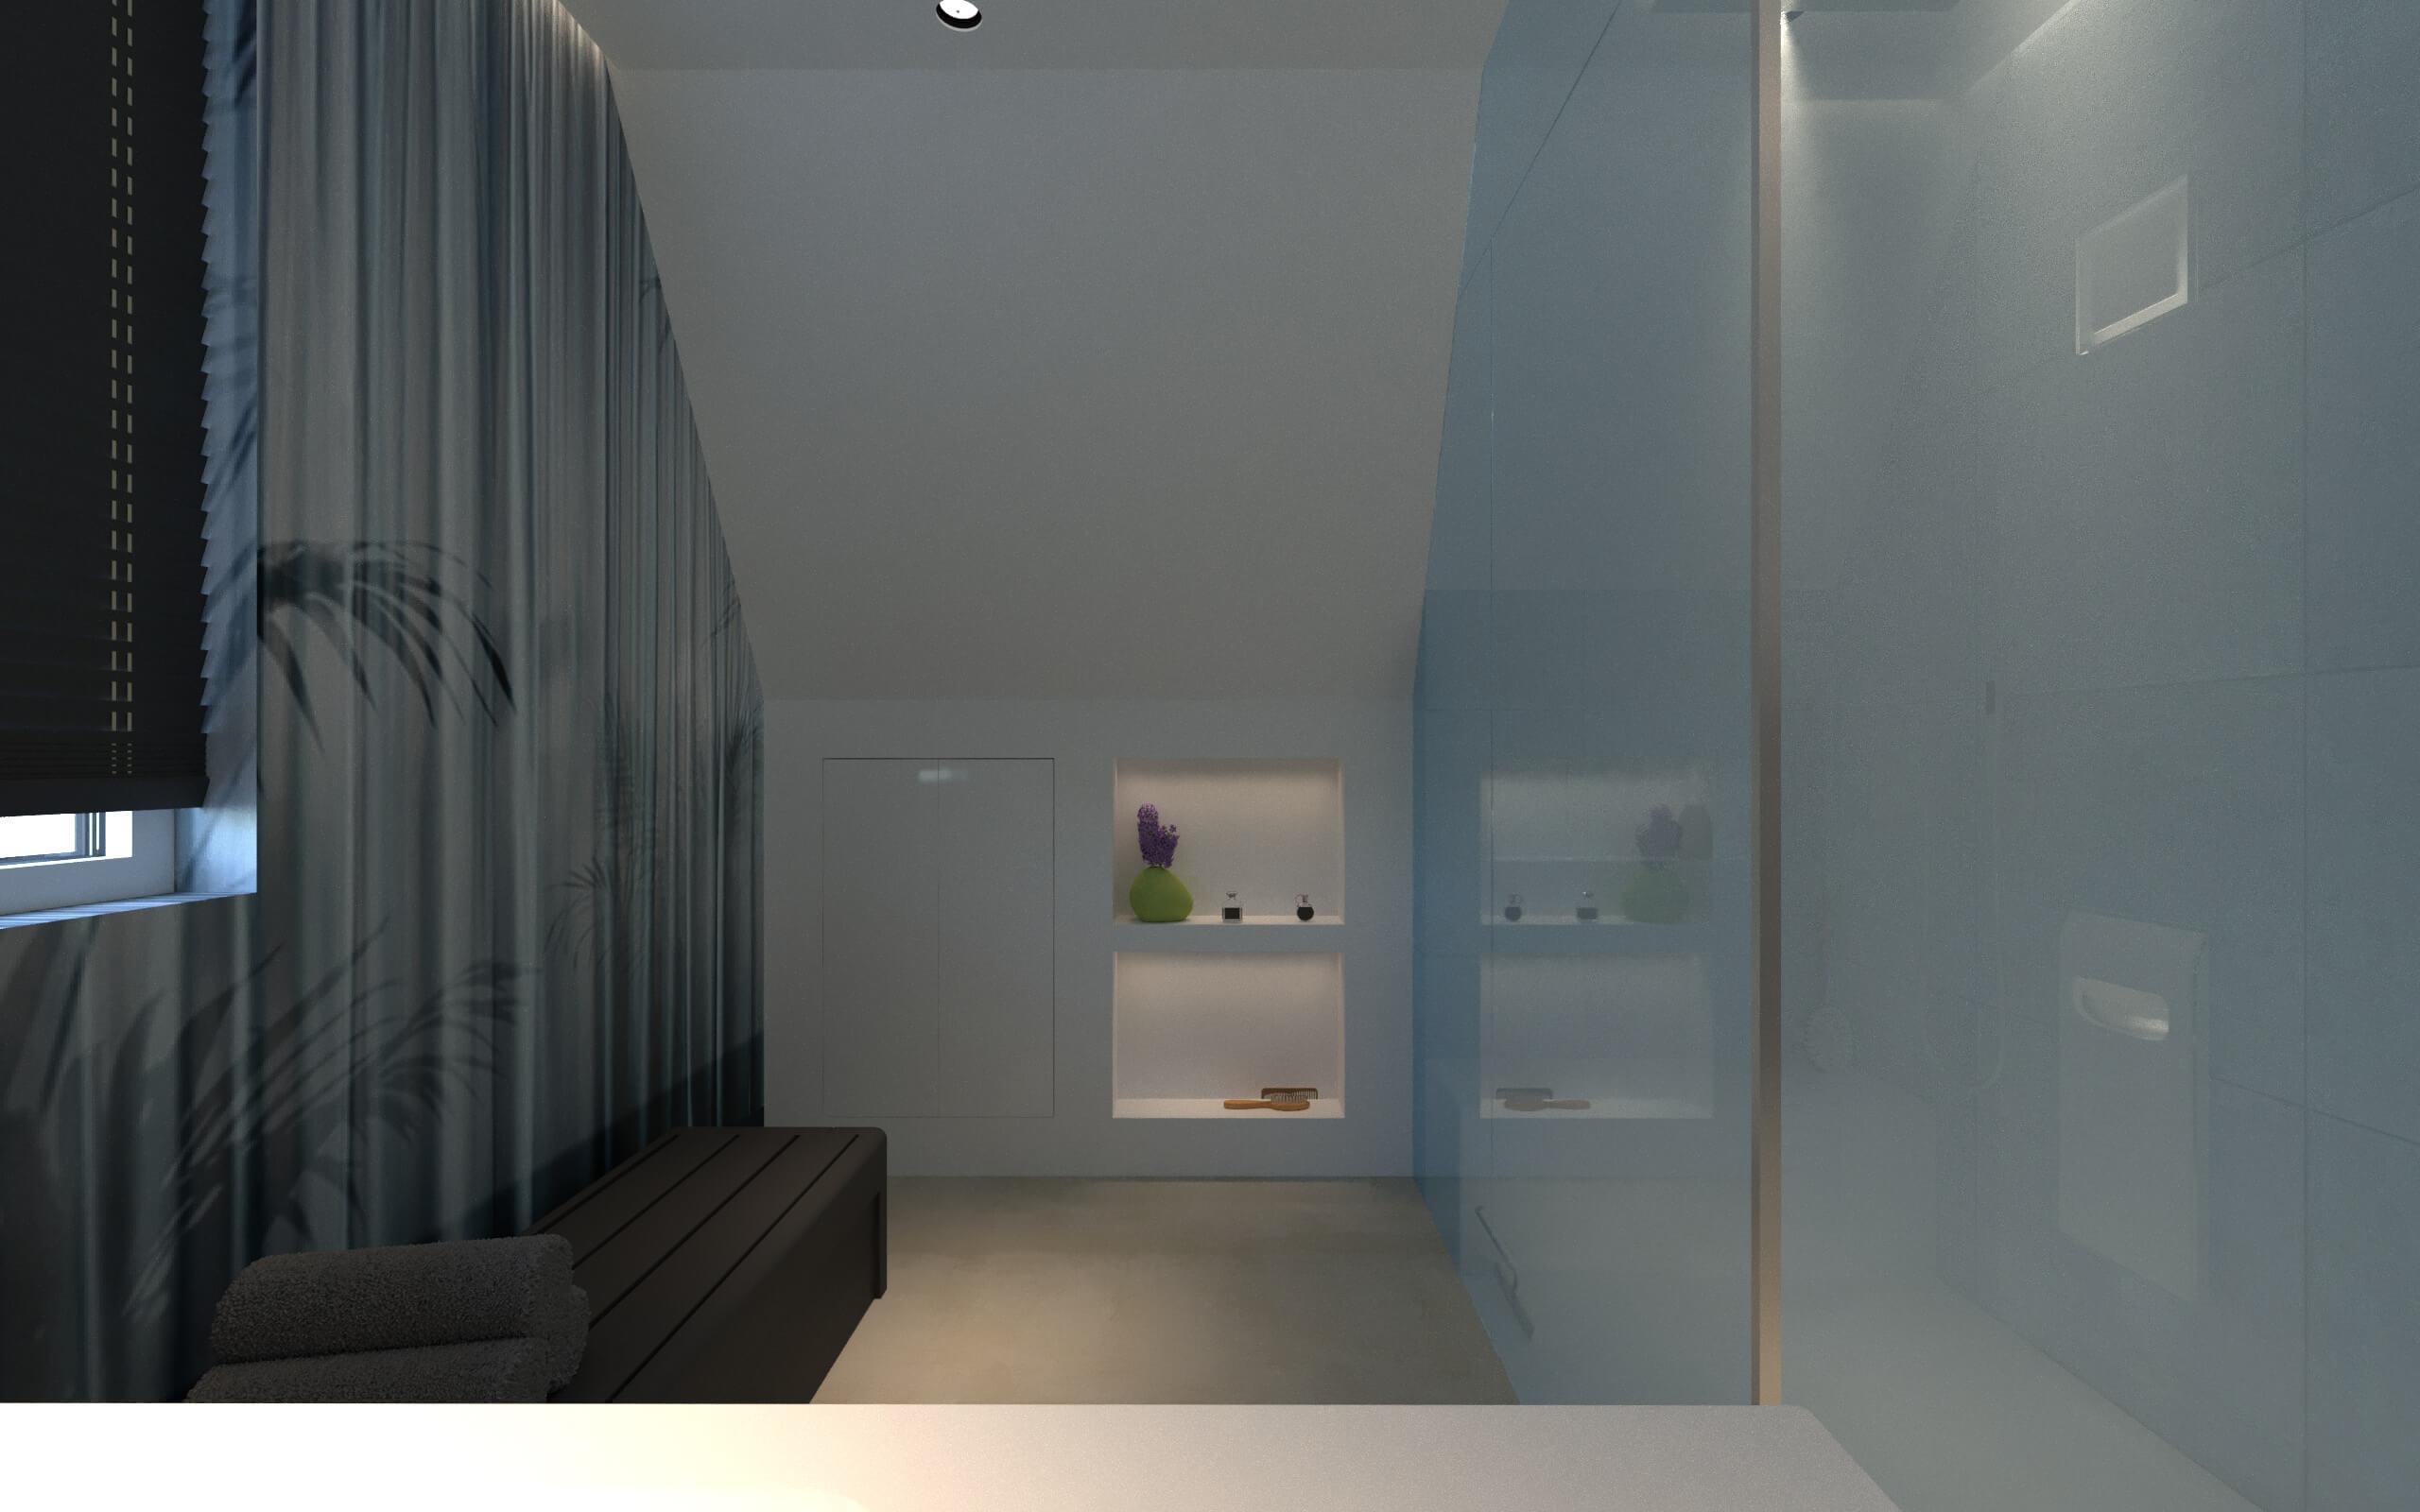 Es Handelt Sich Um Eine Tapete Mit Patentanmeldung Für Bad Dusche Und Feuchte Räume